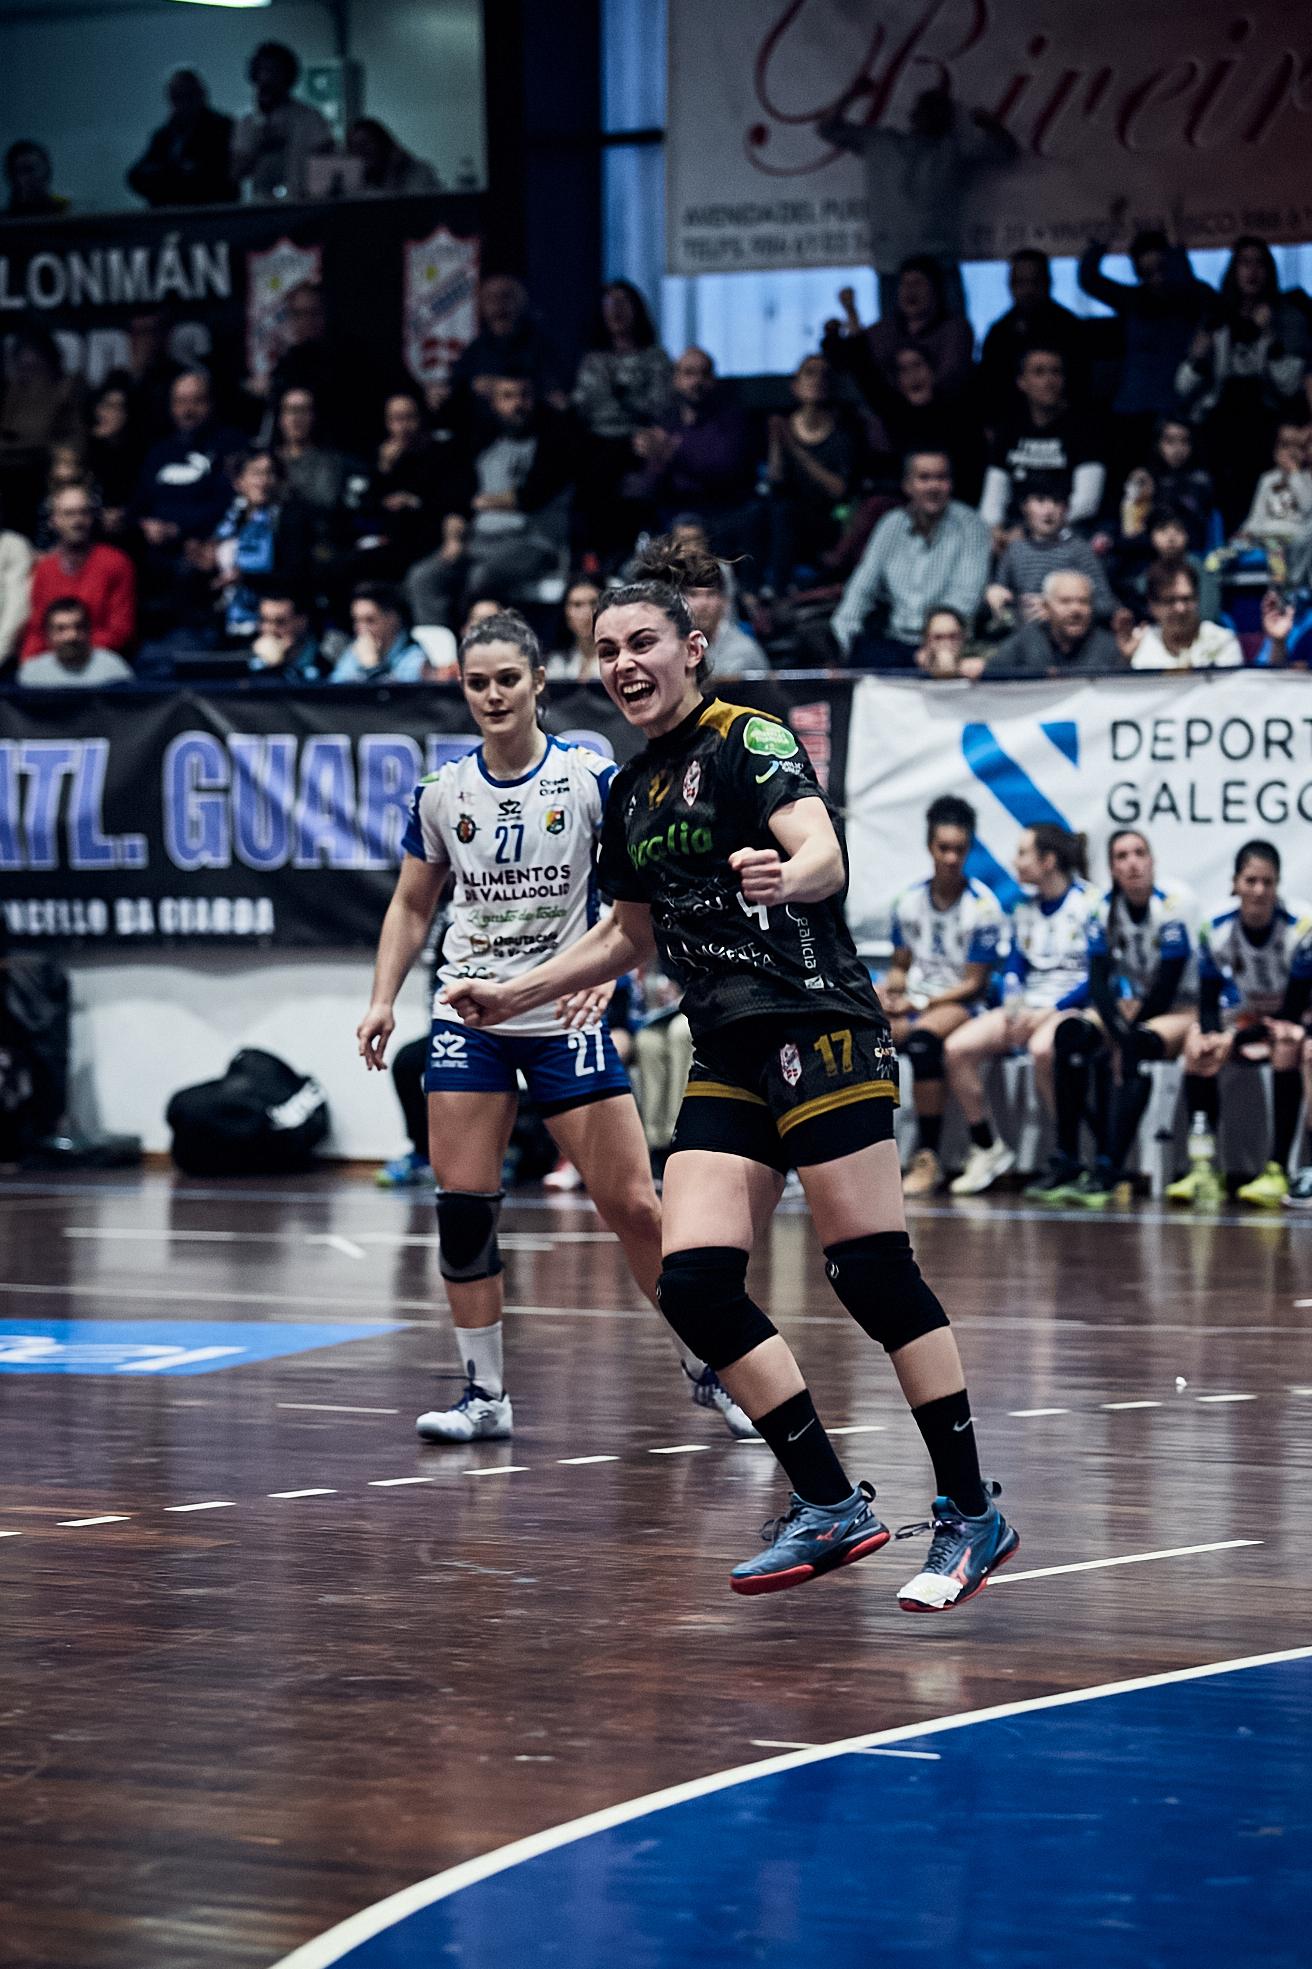 Atl.Guardes_vs Aula EHF 42